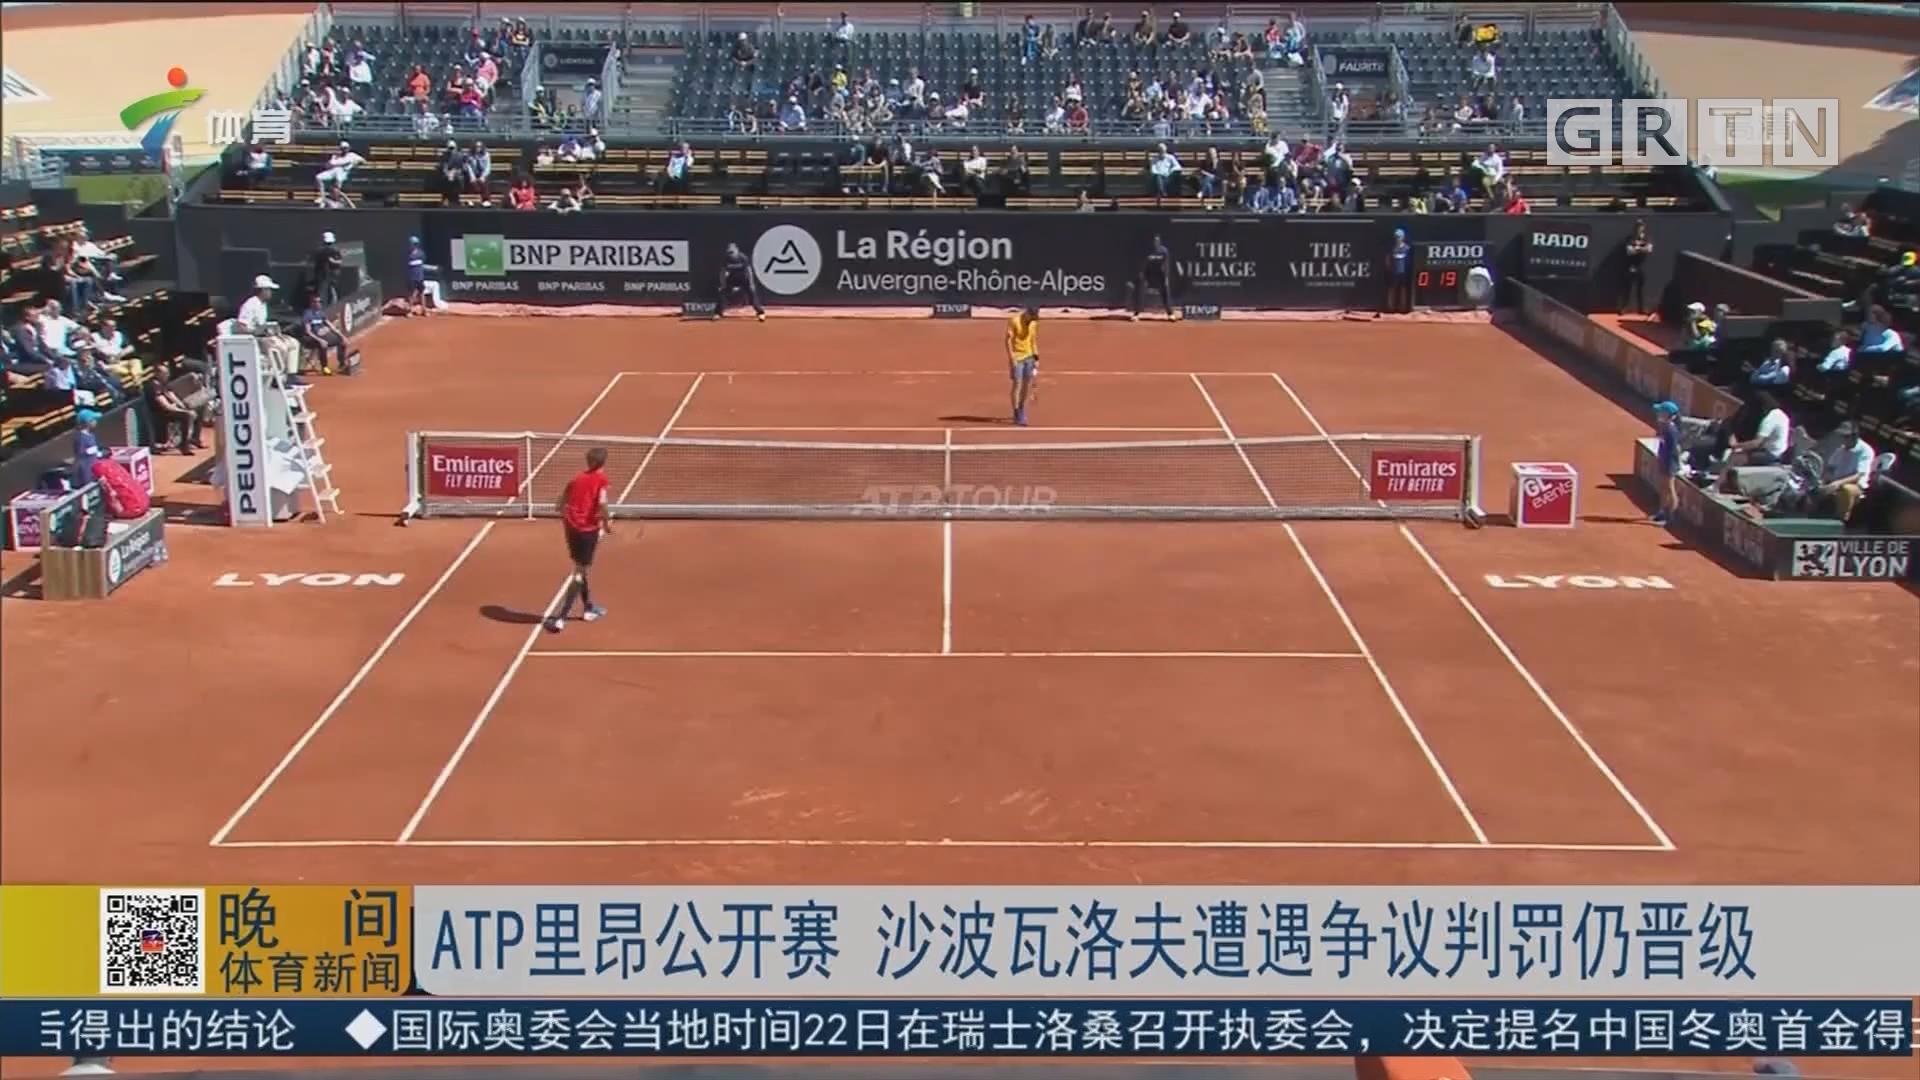 ATP里昂公开赛 沙波瓦洛夫遭遇争议判罚仍晋级